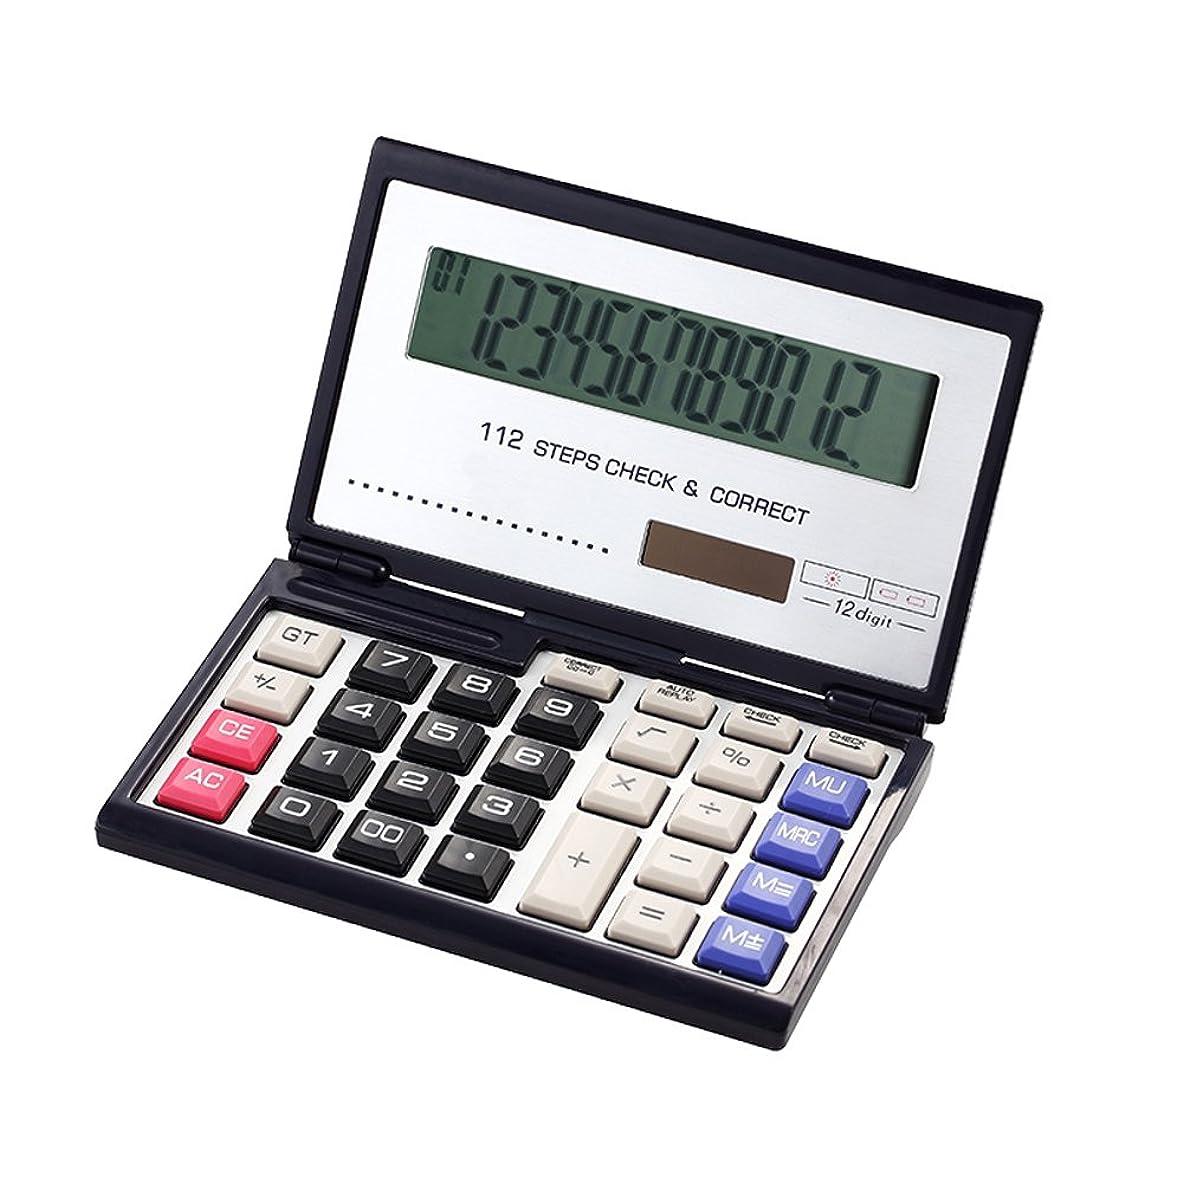 センサー拡声器談話電卓、計算機with Folding 12-digits Large表示、ソーラーと電池デュアル電源 ホワイト